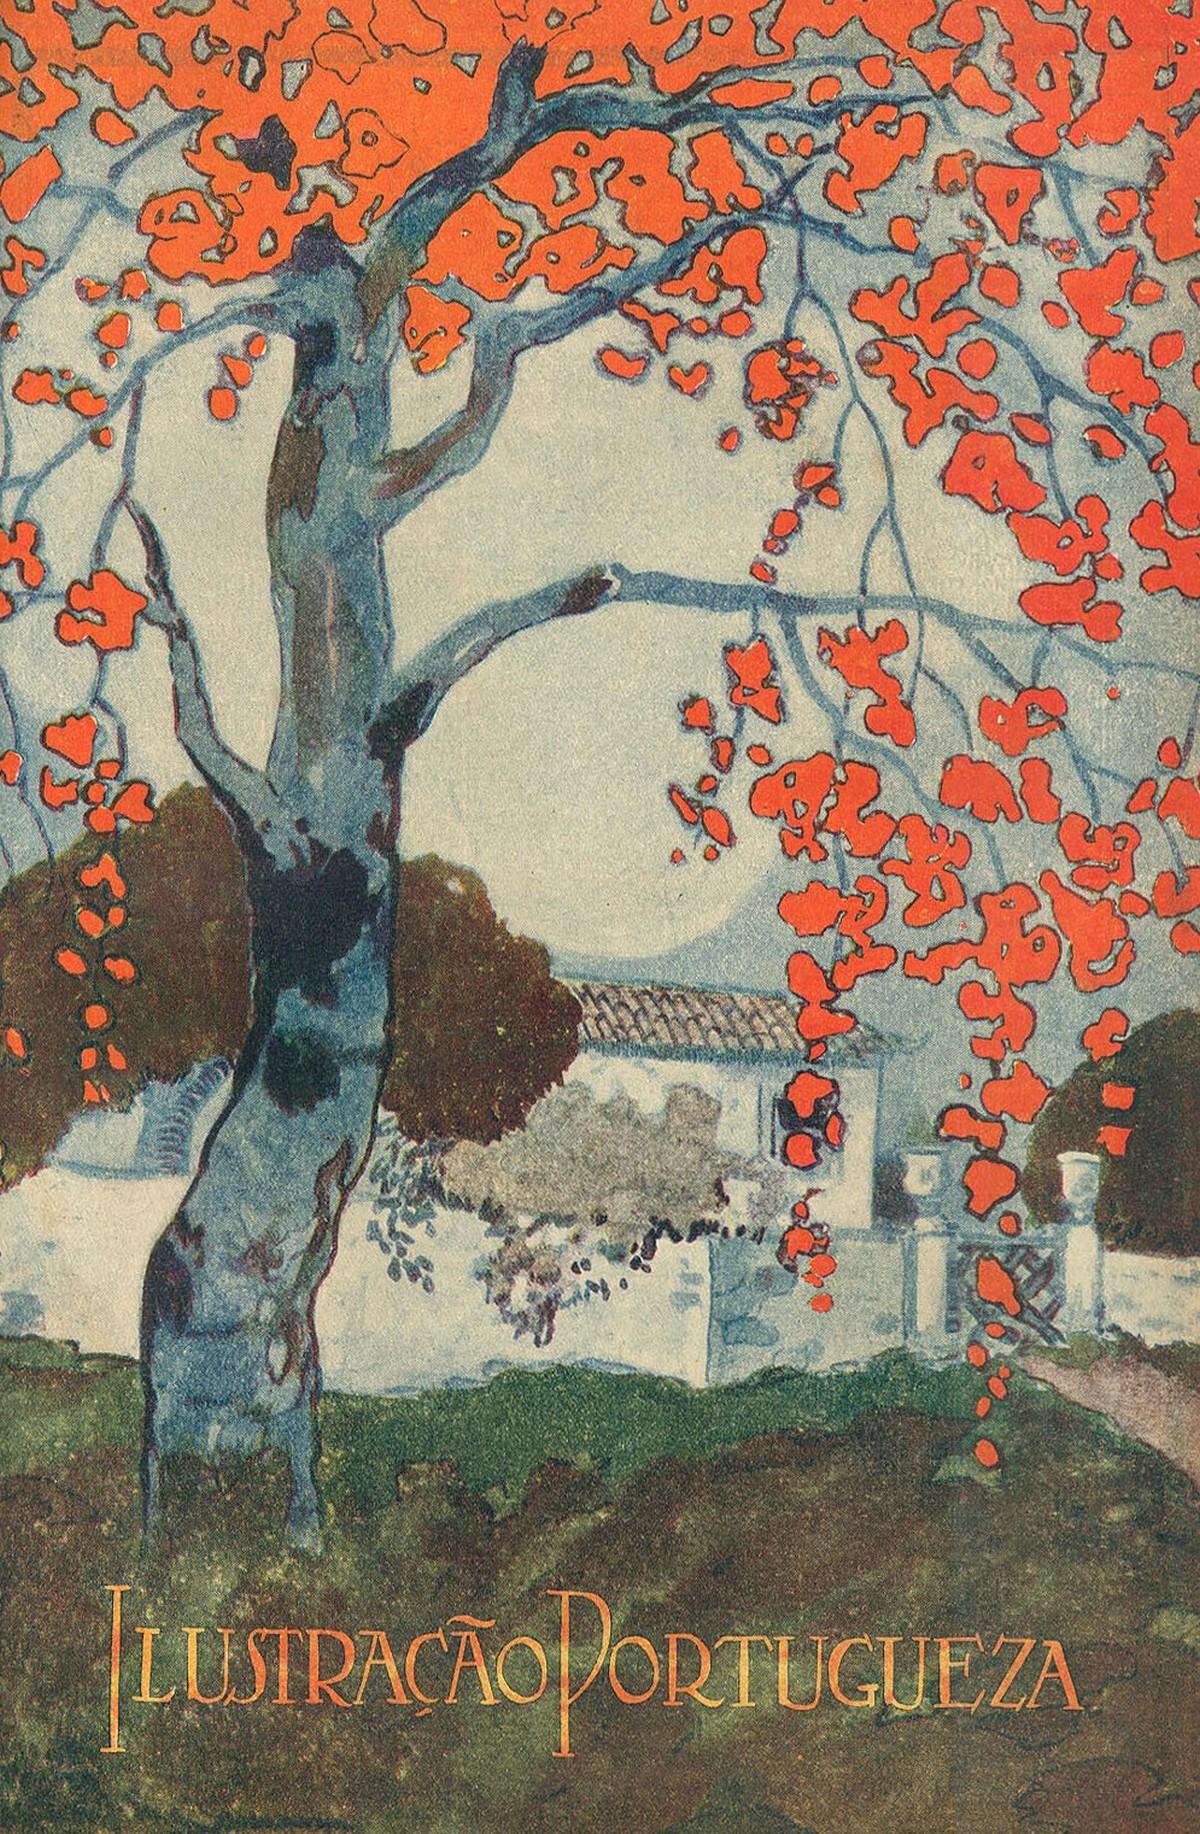 Leal da Câmara, Ilustração Portuguesa, 2.ª série, n.º 747, 14 de Junho de 1920